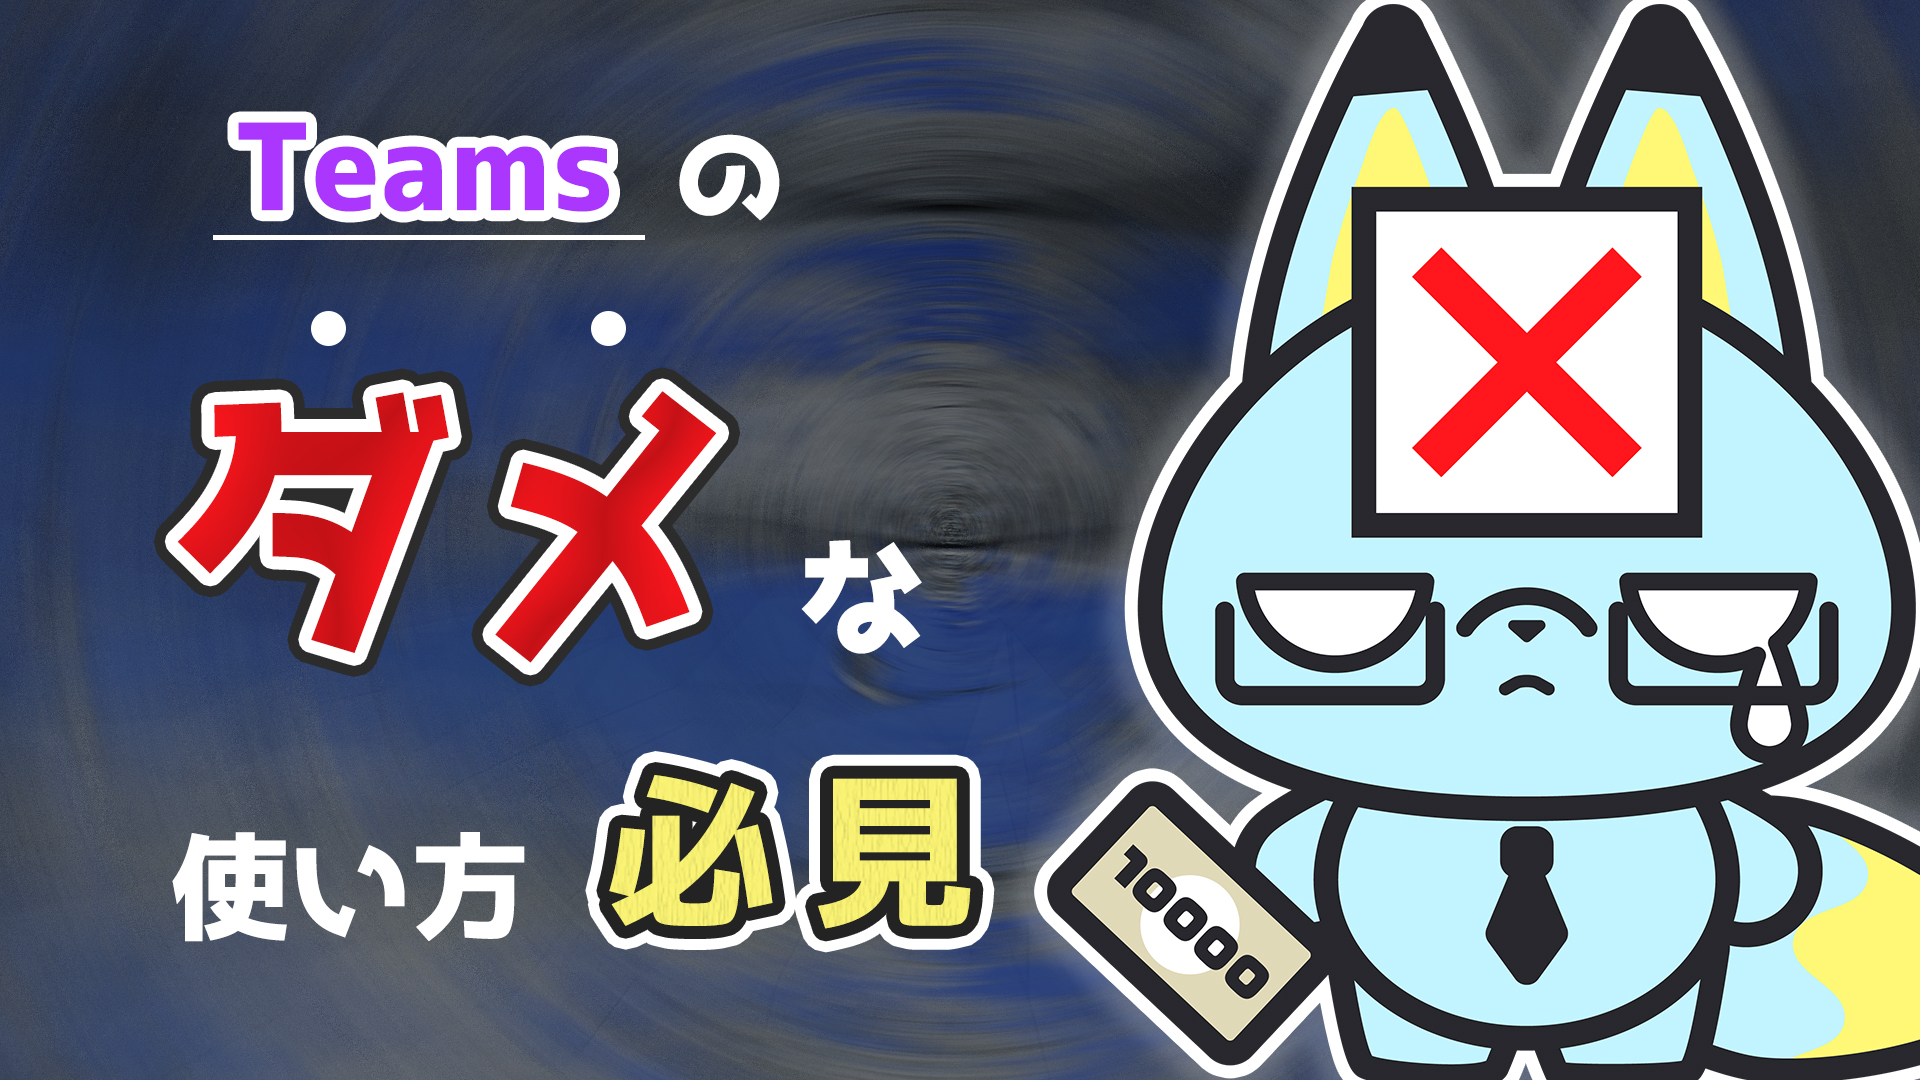 【動画】チャネル&チャット使い分け【Teams】